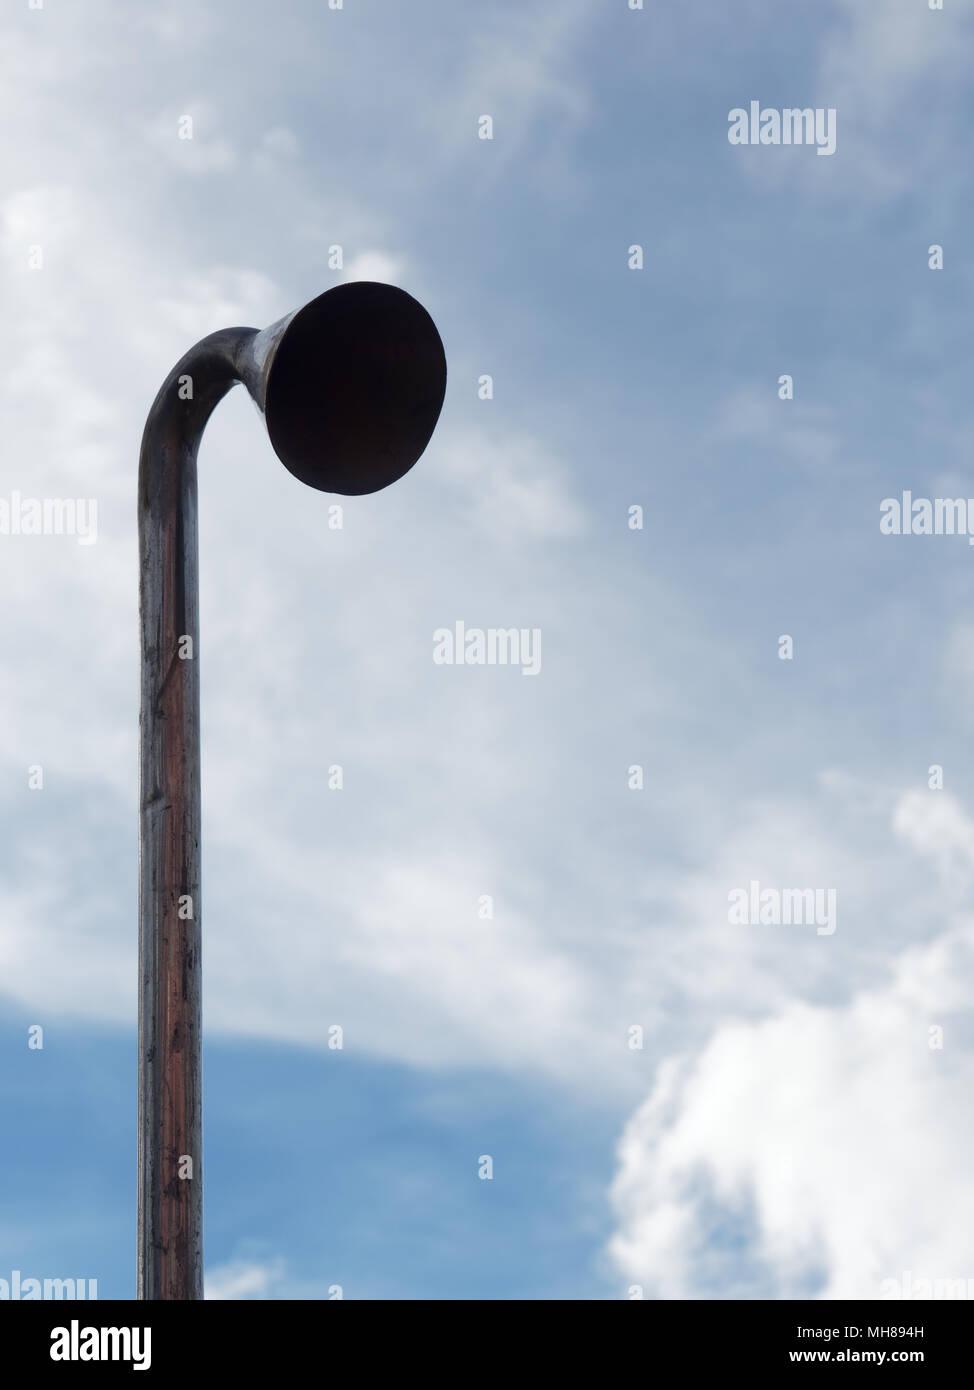 Tuyau d'aspiration ou d'induction avec la tête pour la vérification de l'air et la pollution sonore sur fond de ciel bleu lumineux nuage de succion dans le tube avec des concepts d'affaires, l'environnement, d'aspiration, de l'industrie et la pollution Photo Stock